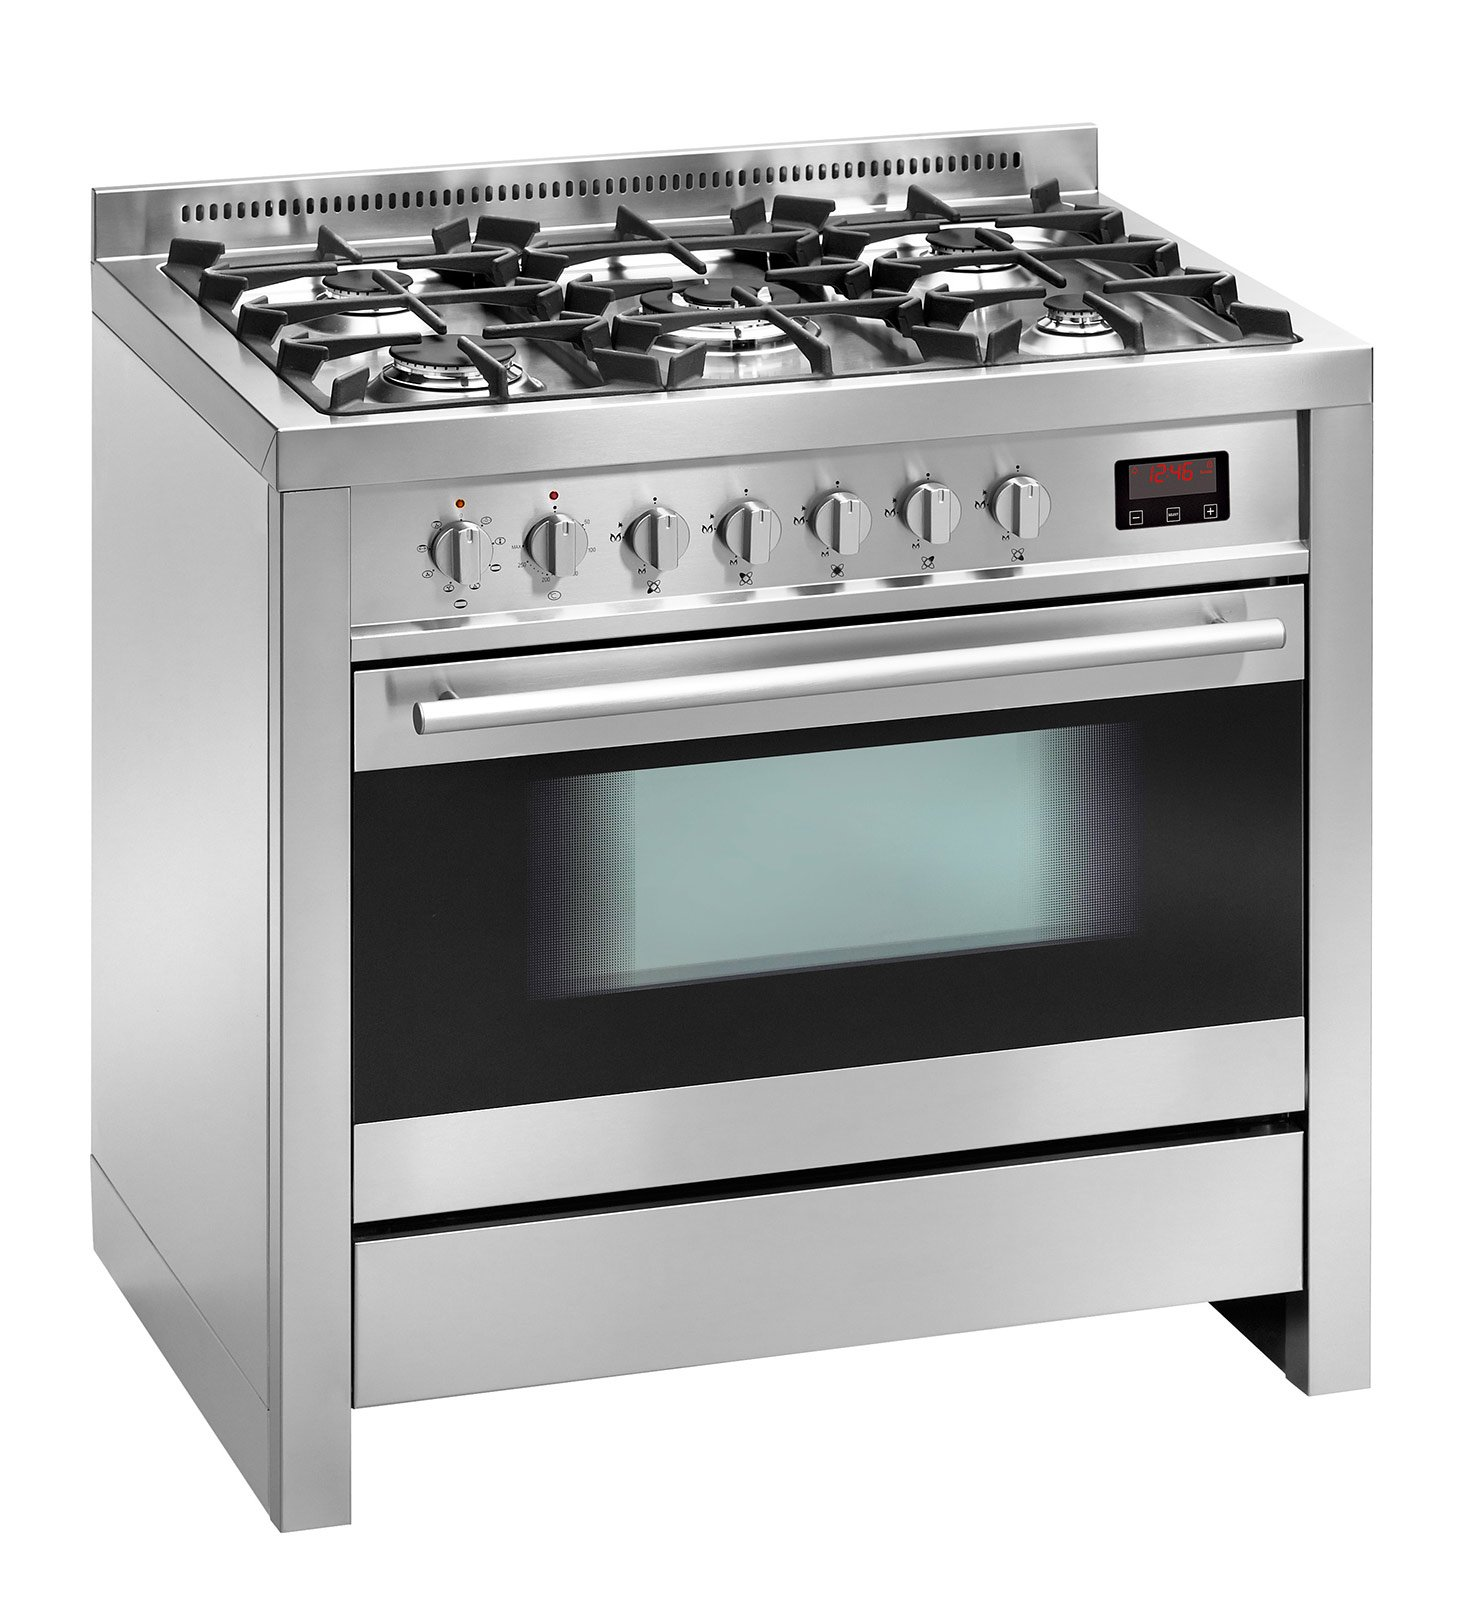 Cucine a gas con forno elettrico ariston tovaglioli di carta - Cucine a gas offerte ...